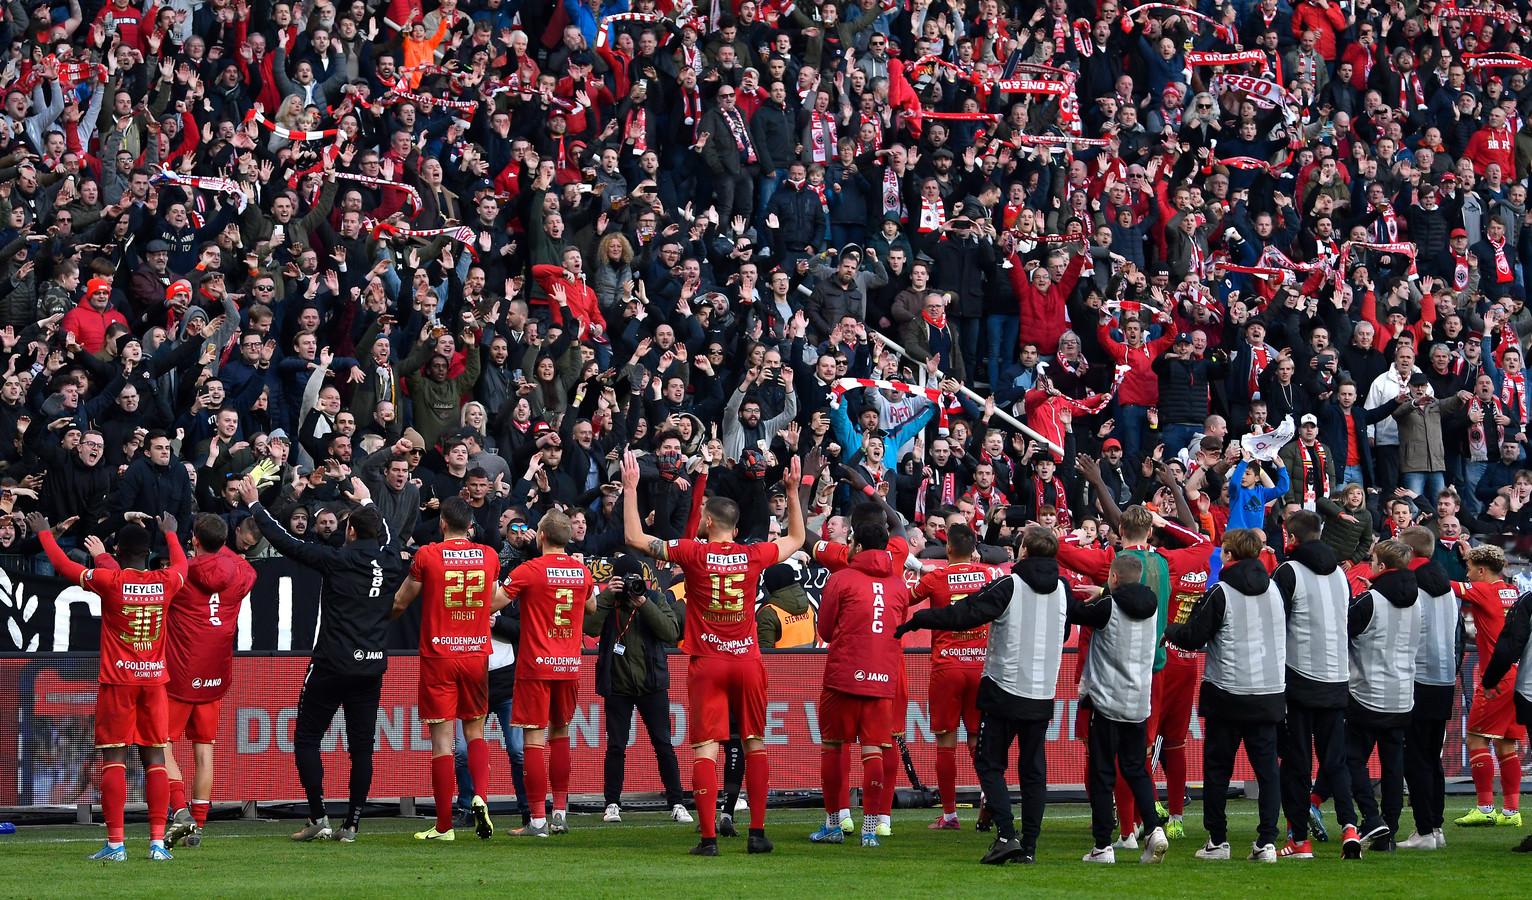 Vreugde bij de spelers en supporters van Royal Antwerp na de zege op Club Brugge op 10 november.